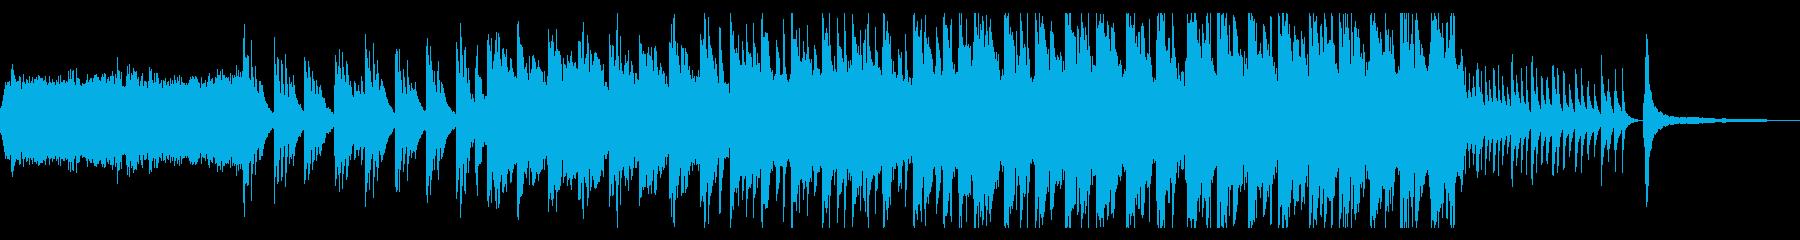 壮大で切ない和風曲の再生済みの波形